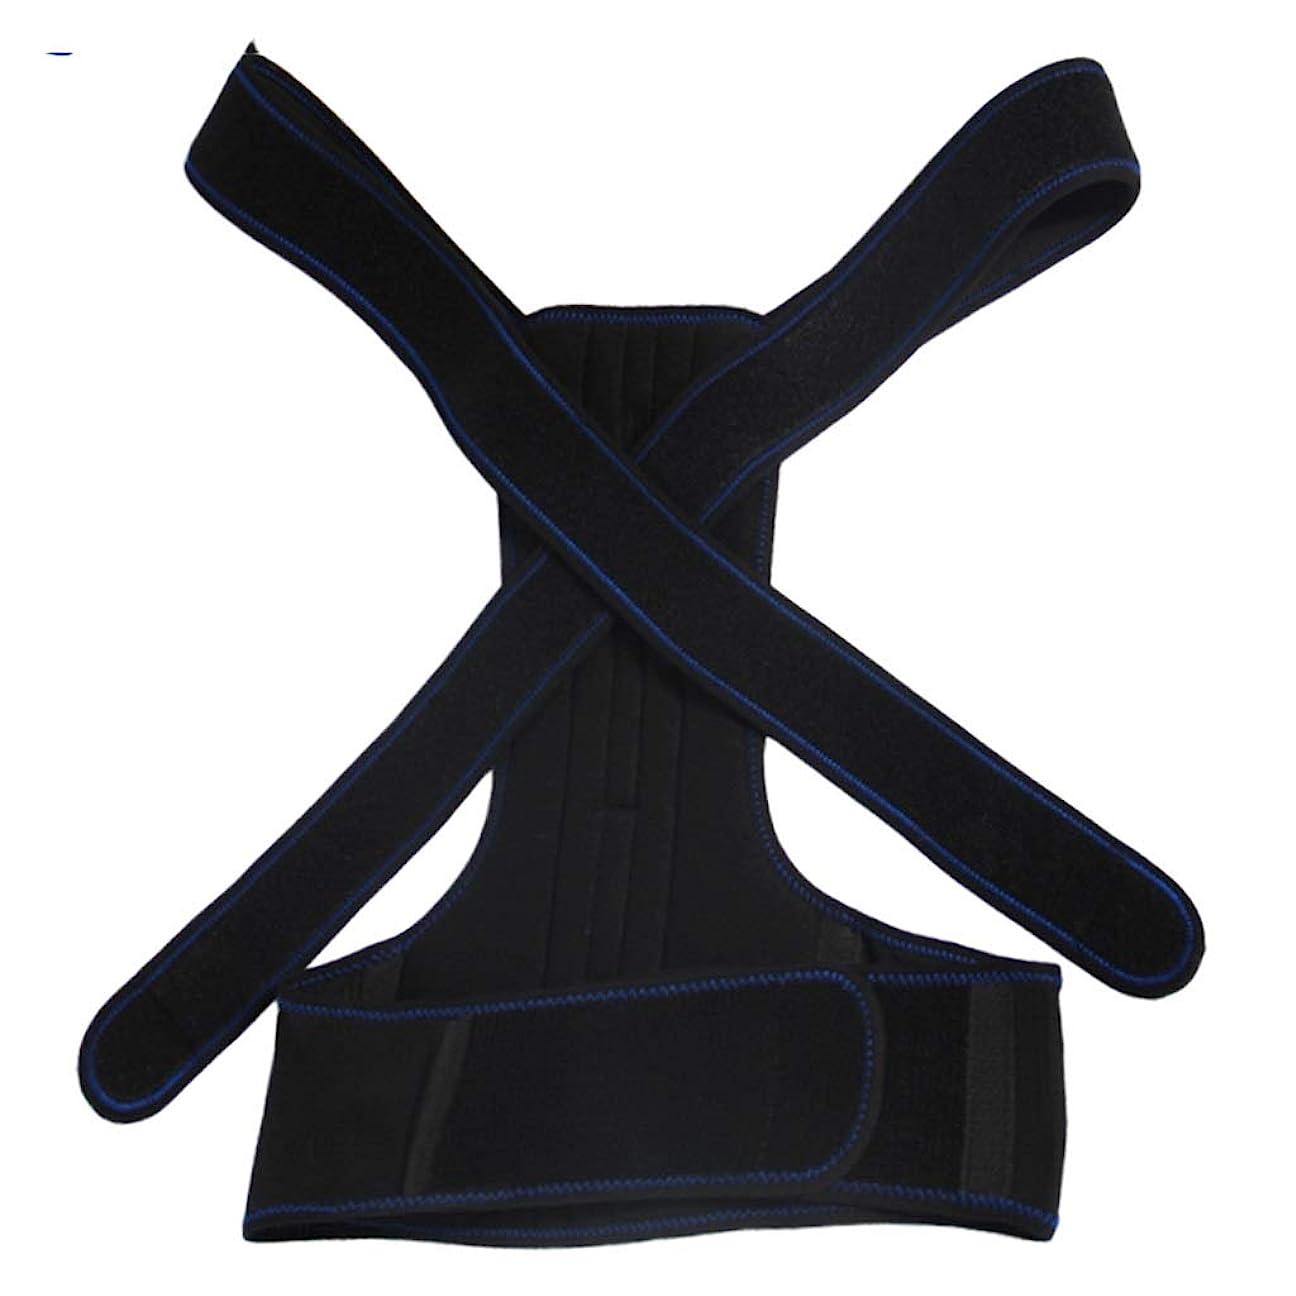 好きデザート抵抗する姿勢矯正、良好な背中の最適に完全に調整可能なサポート、改善された姿勢と腰痛、男性と女性、成人の子供のための腰椎サポート (Color : BLACK, Size : XL)